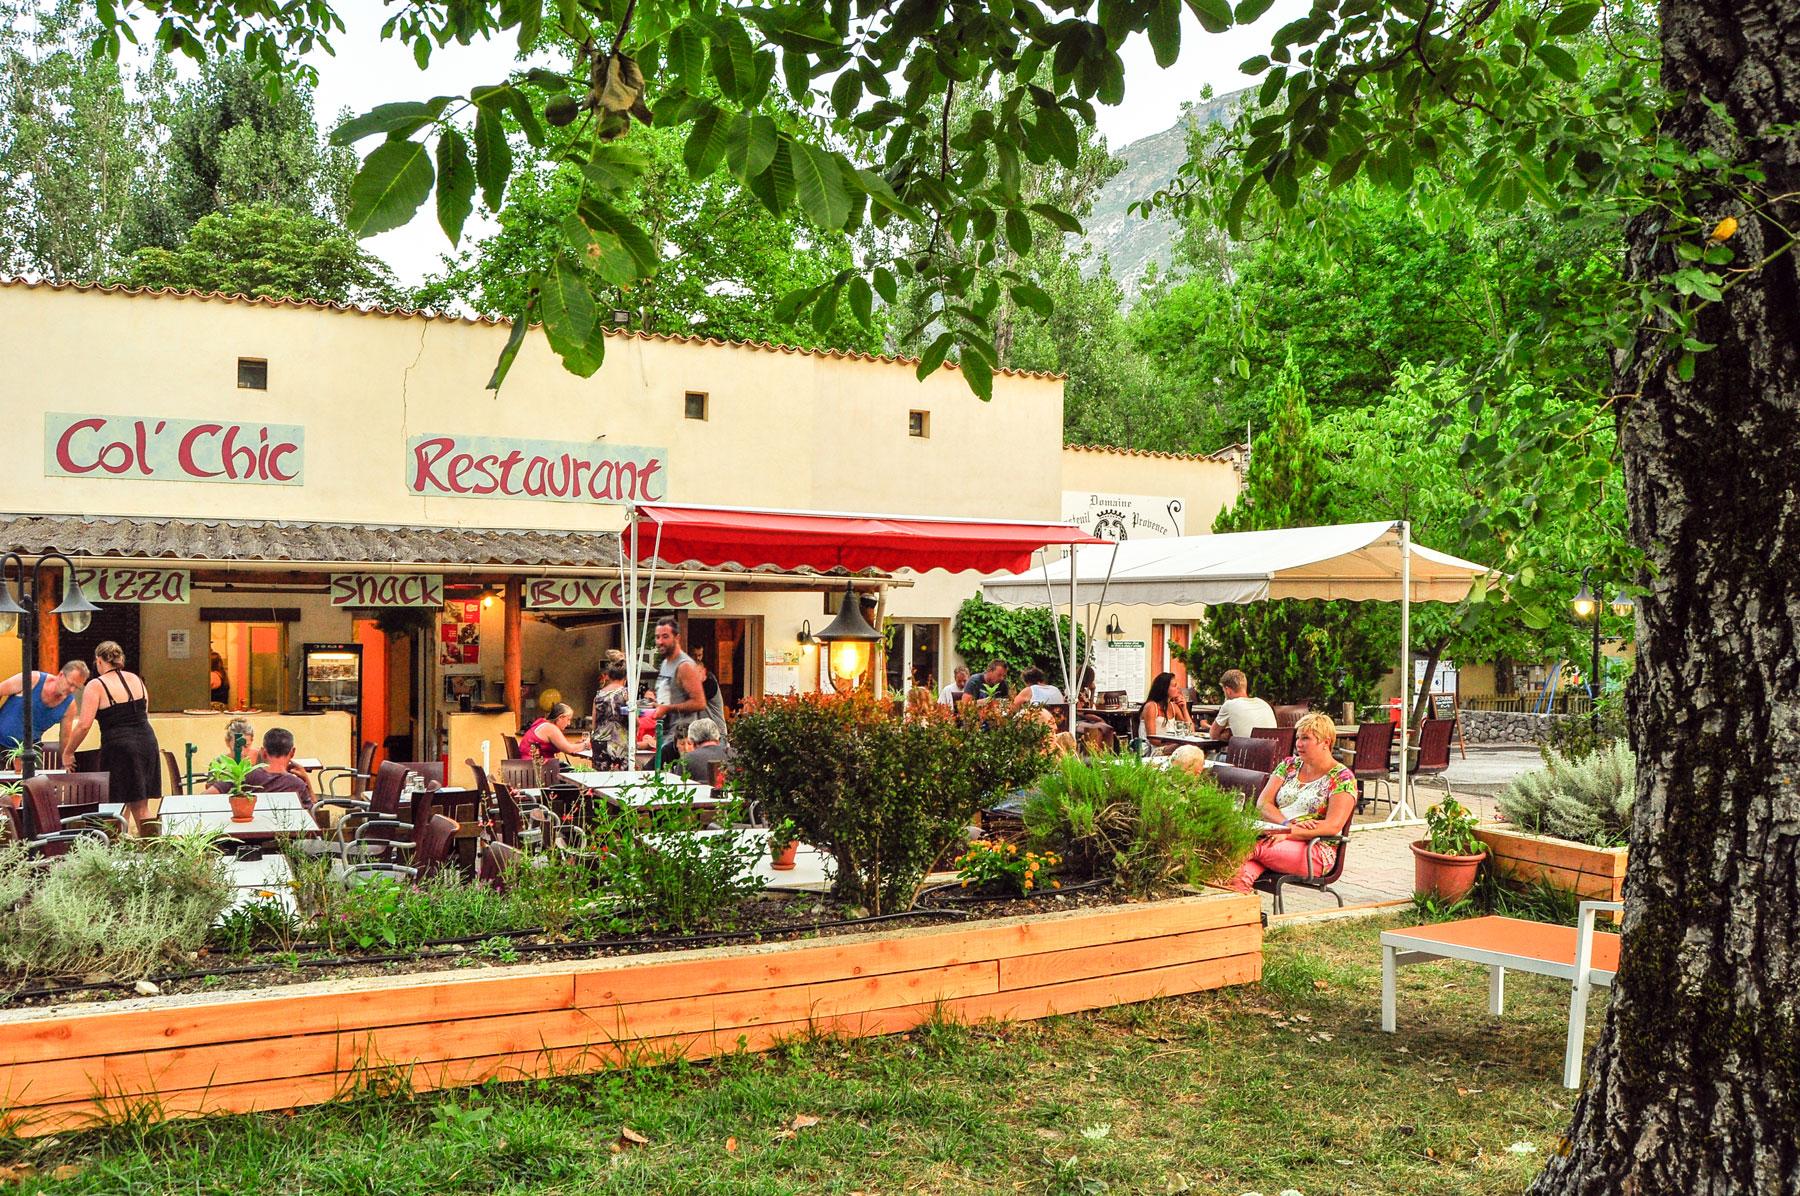 Campsite with restaurant Gorges du Verdon